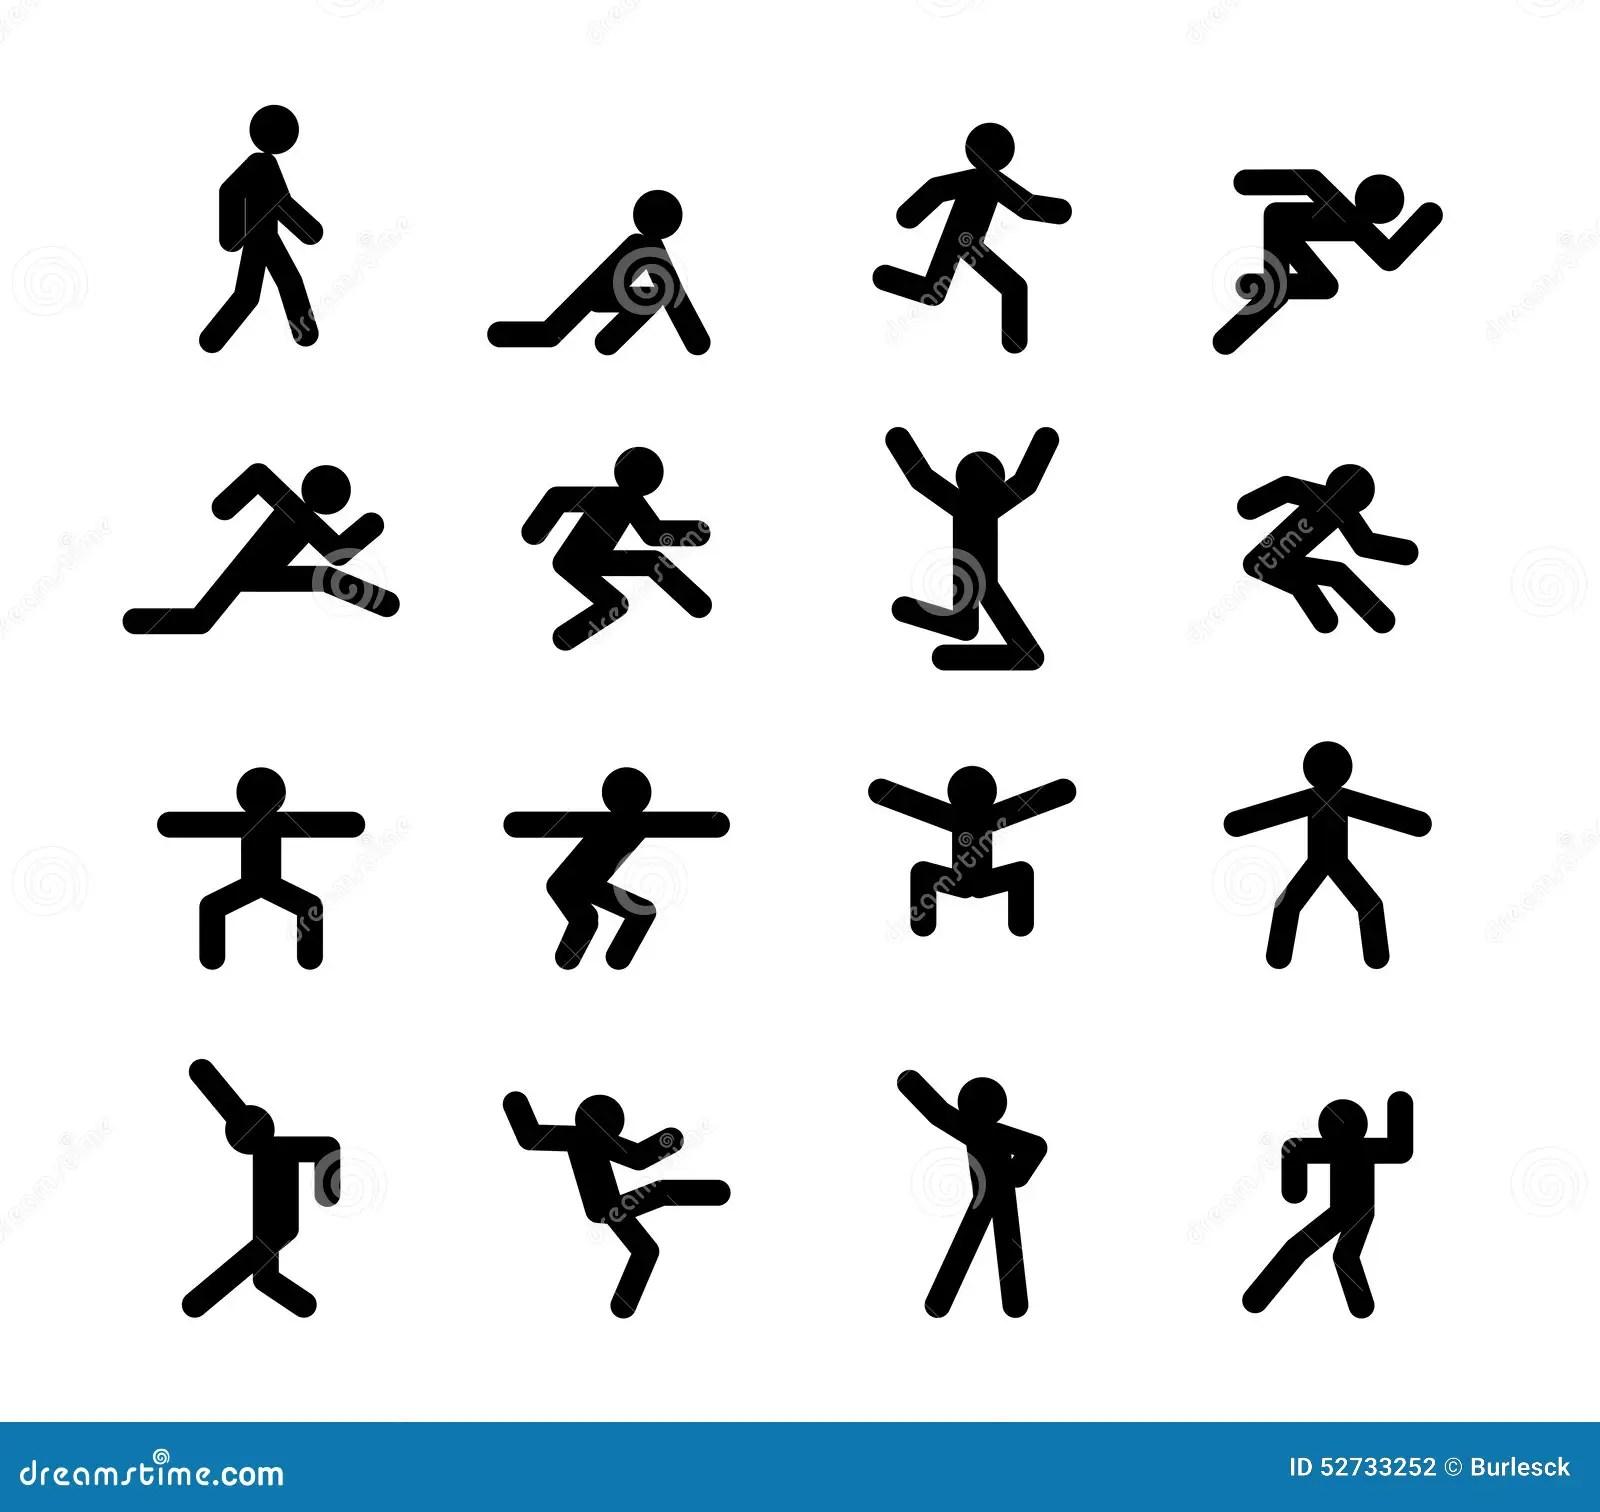 Human Action Poses Running Walking Jumping And Stock